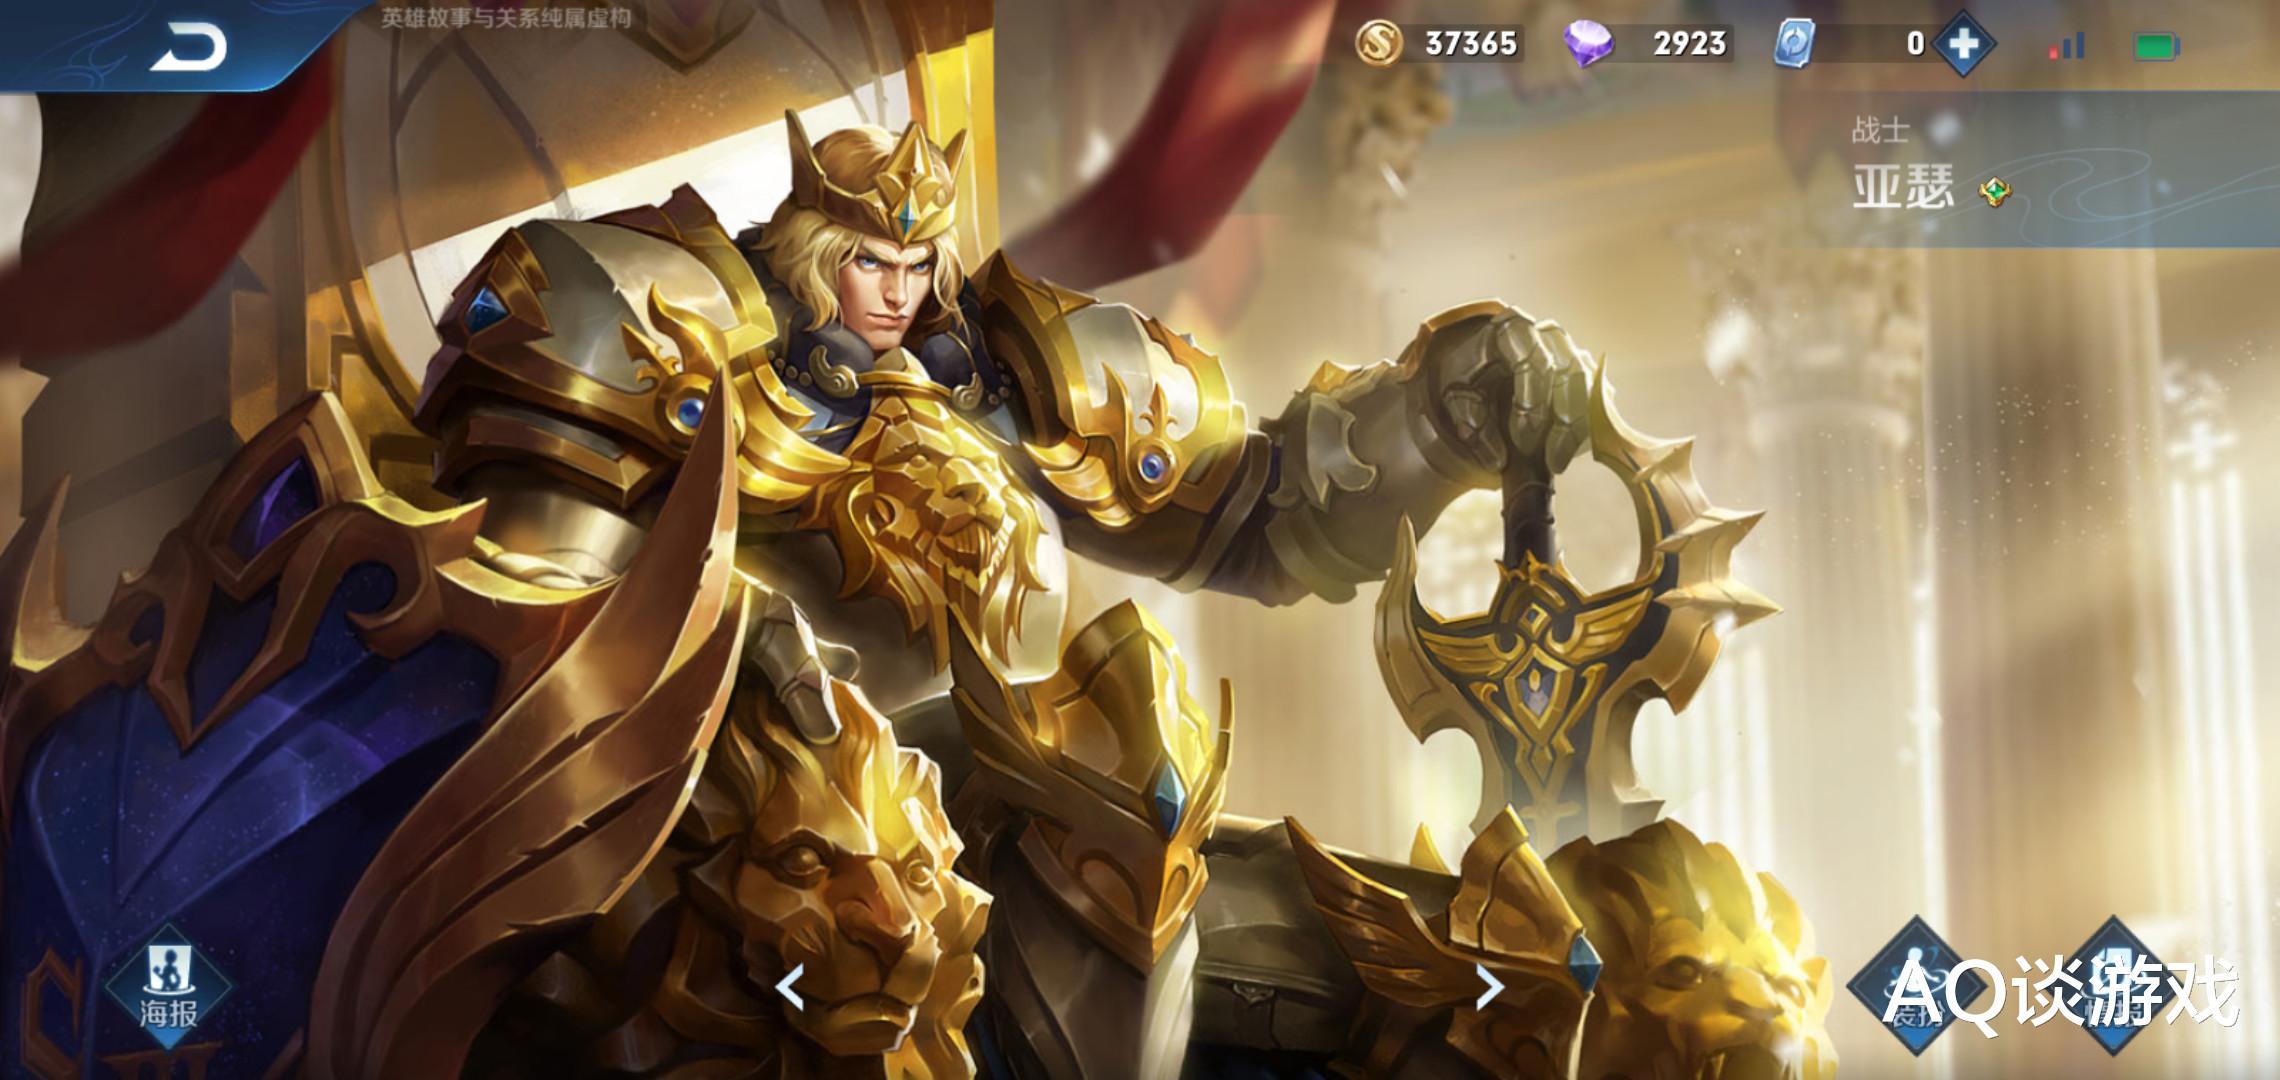 王者荣耀:狮心王返场事件真相大白,玩家开心笑了 狮心王 王者荣耀 手游热点  第1张